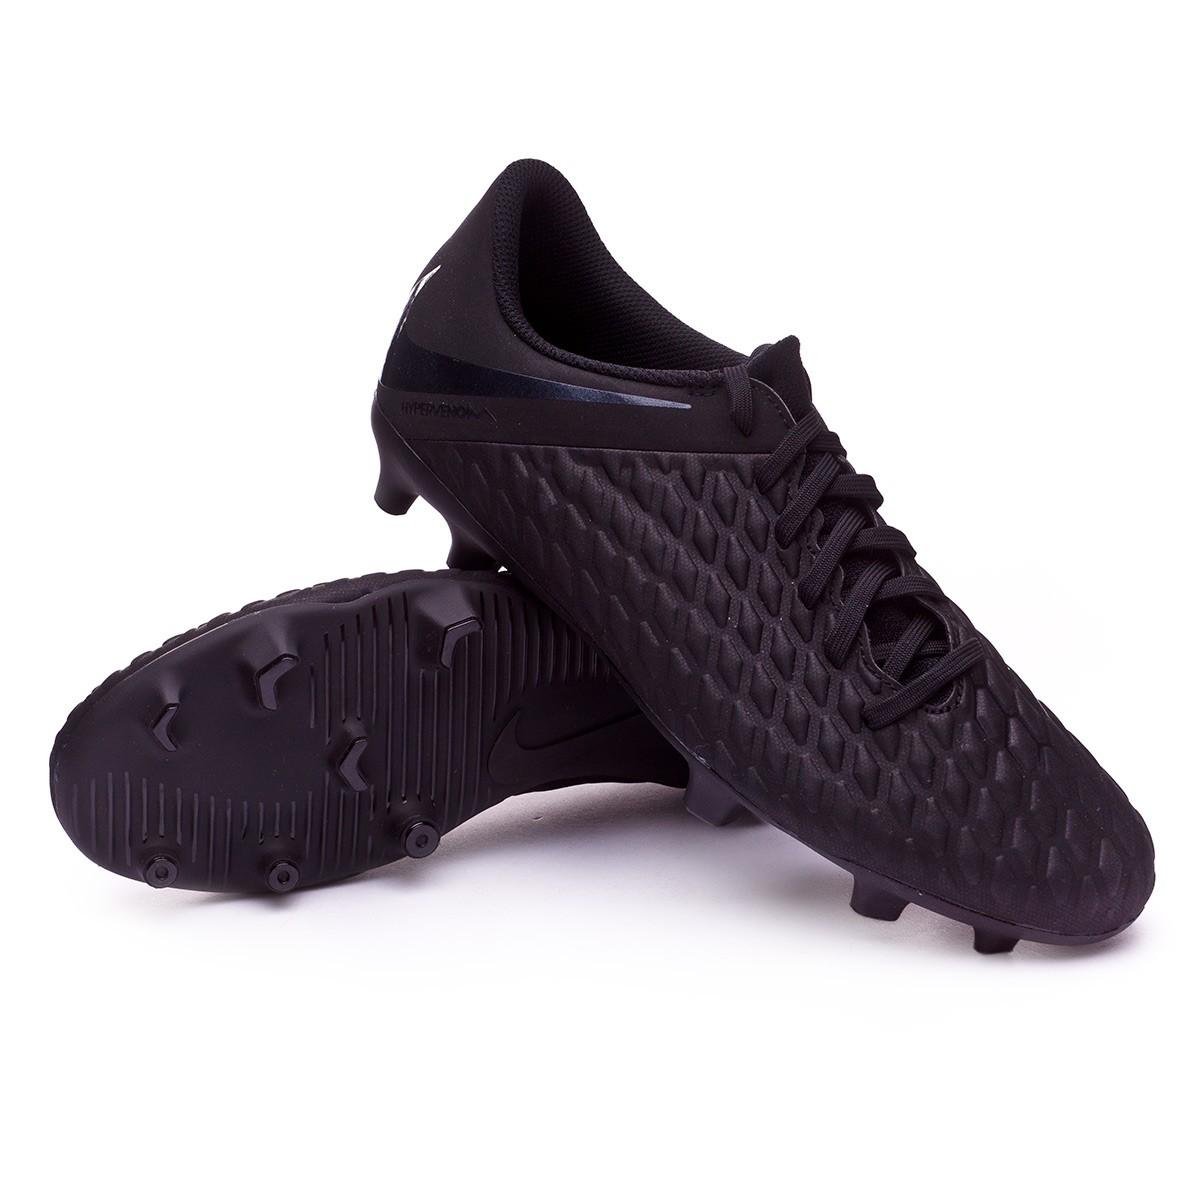 11bdb2282cbb Football Boots Nike Hypervenom Phantom III Club FG Black - Football ...